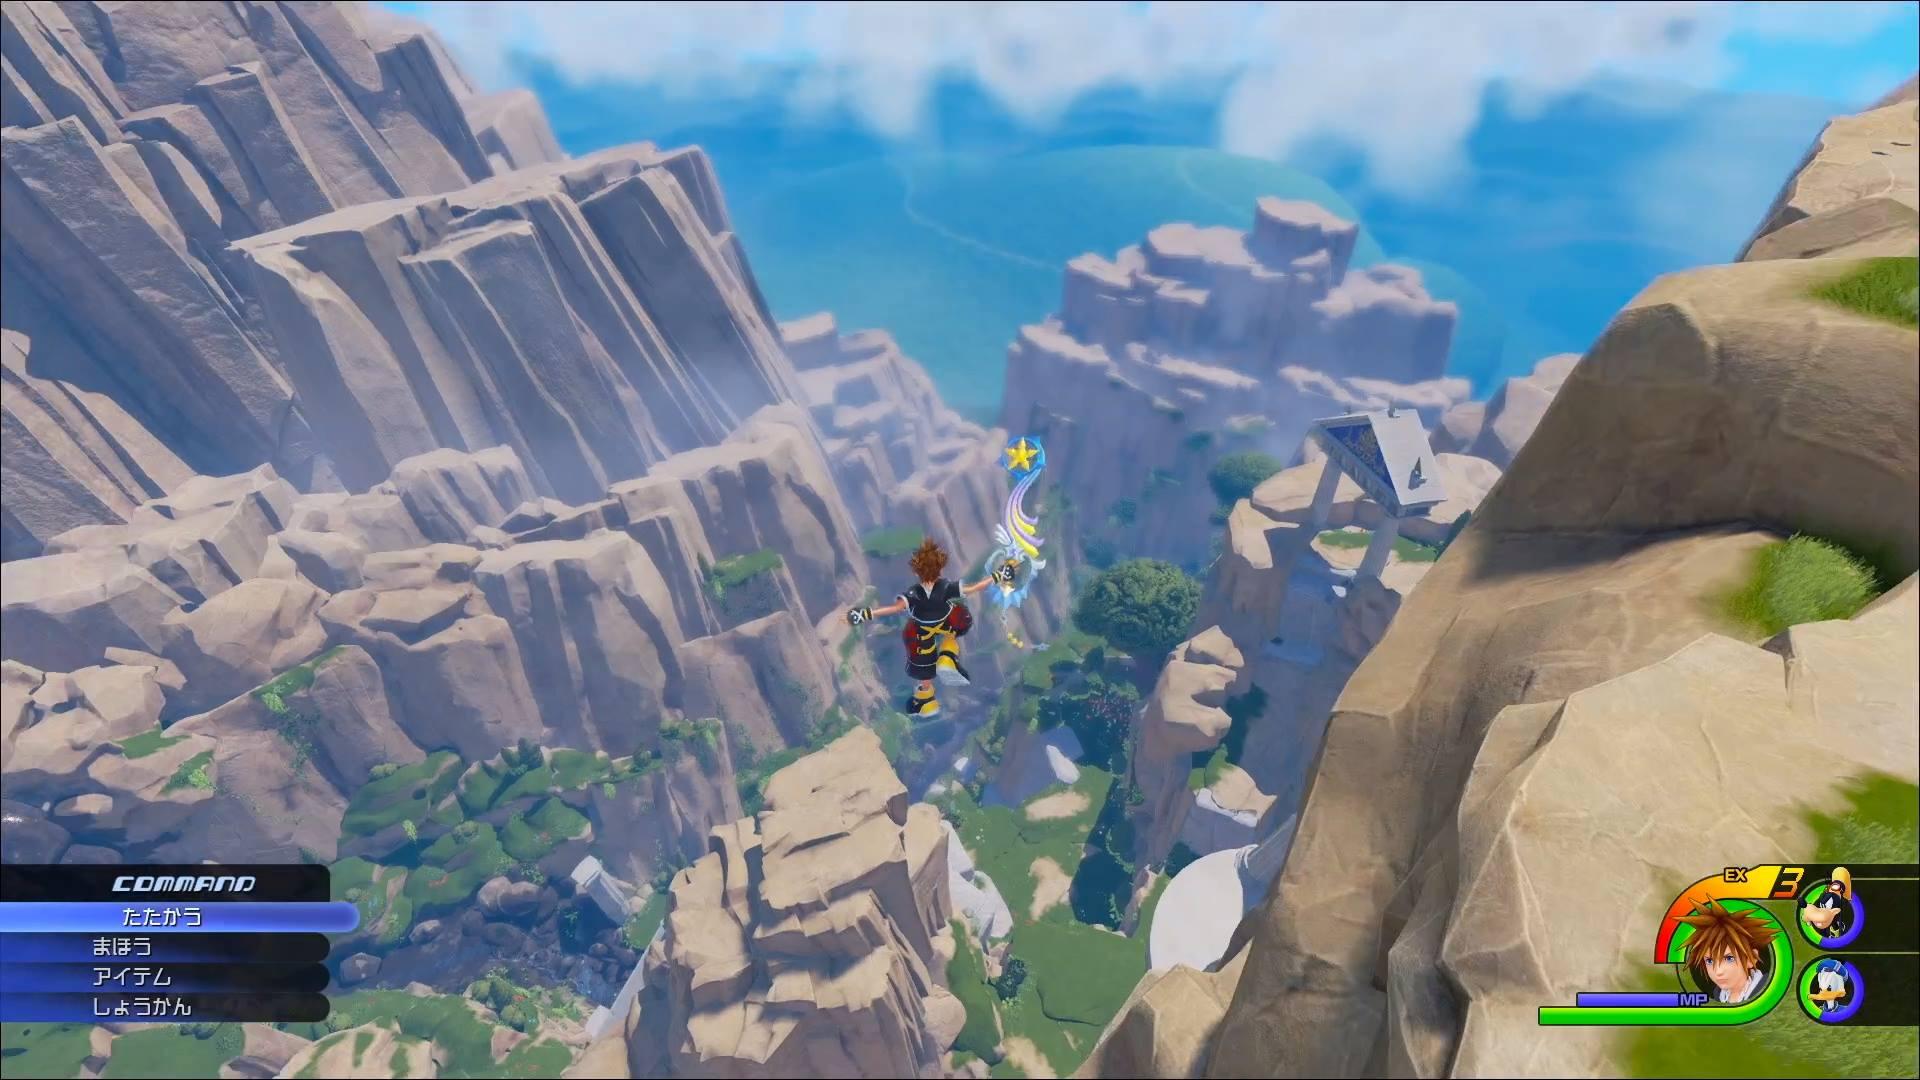 Kingdom Hearts Iii Wallpapers Video Game Hq Kingdom Hearts Iii